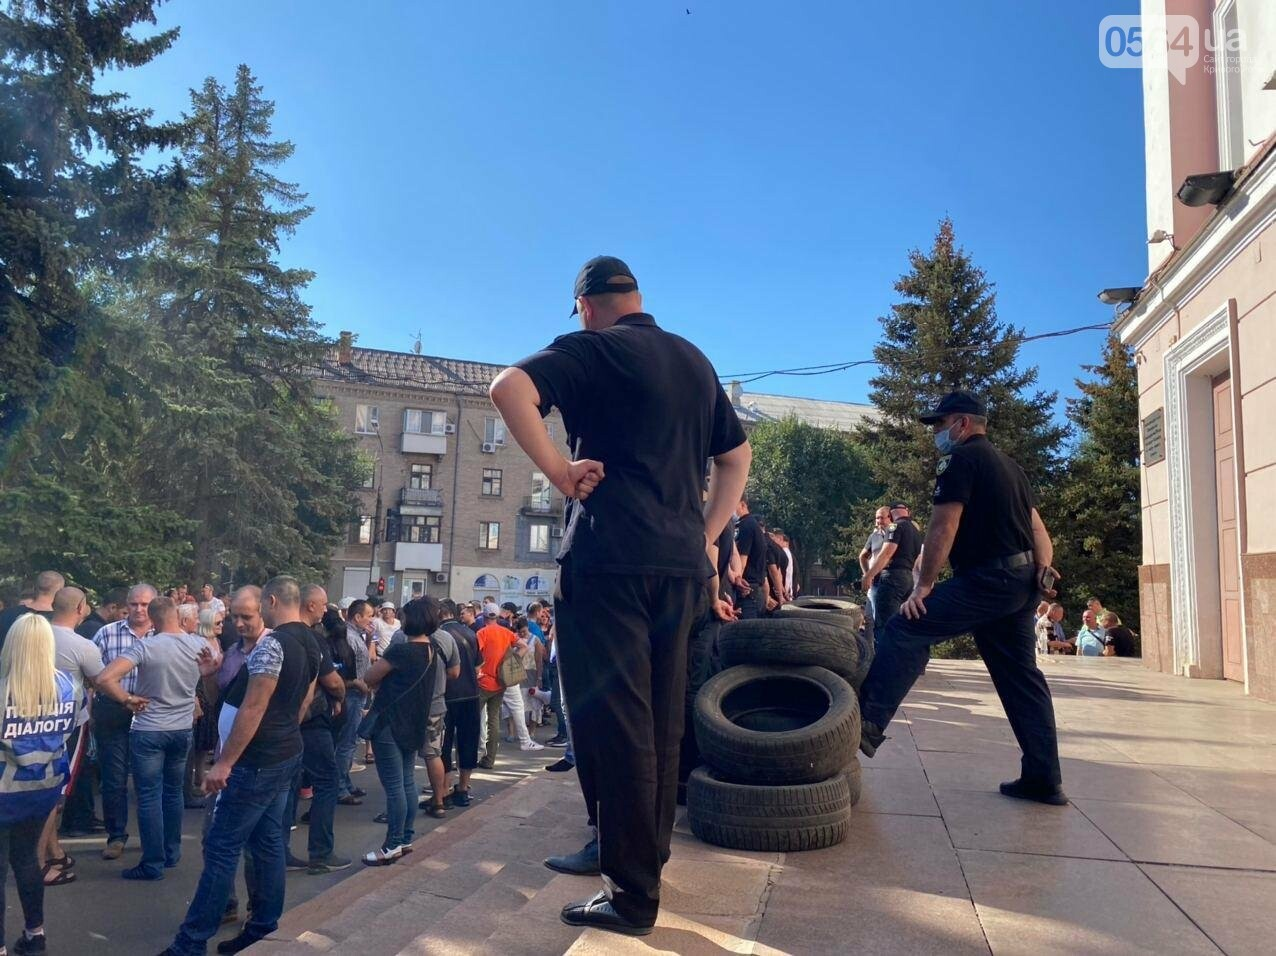 Отмолчаться не получится: у входа в админздание КЖРК проходит массовый митинг, на ступеньках сложены шины,  - ФОТО, ВИДЕО, фото-18